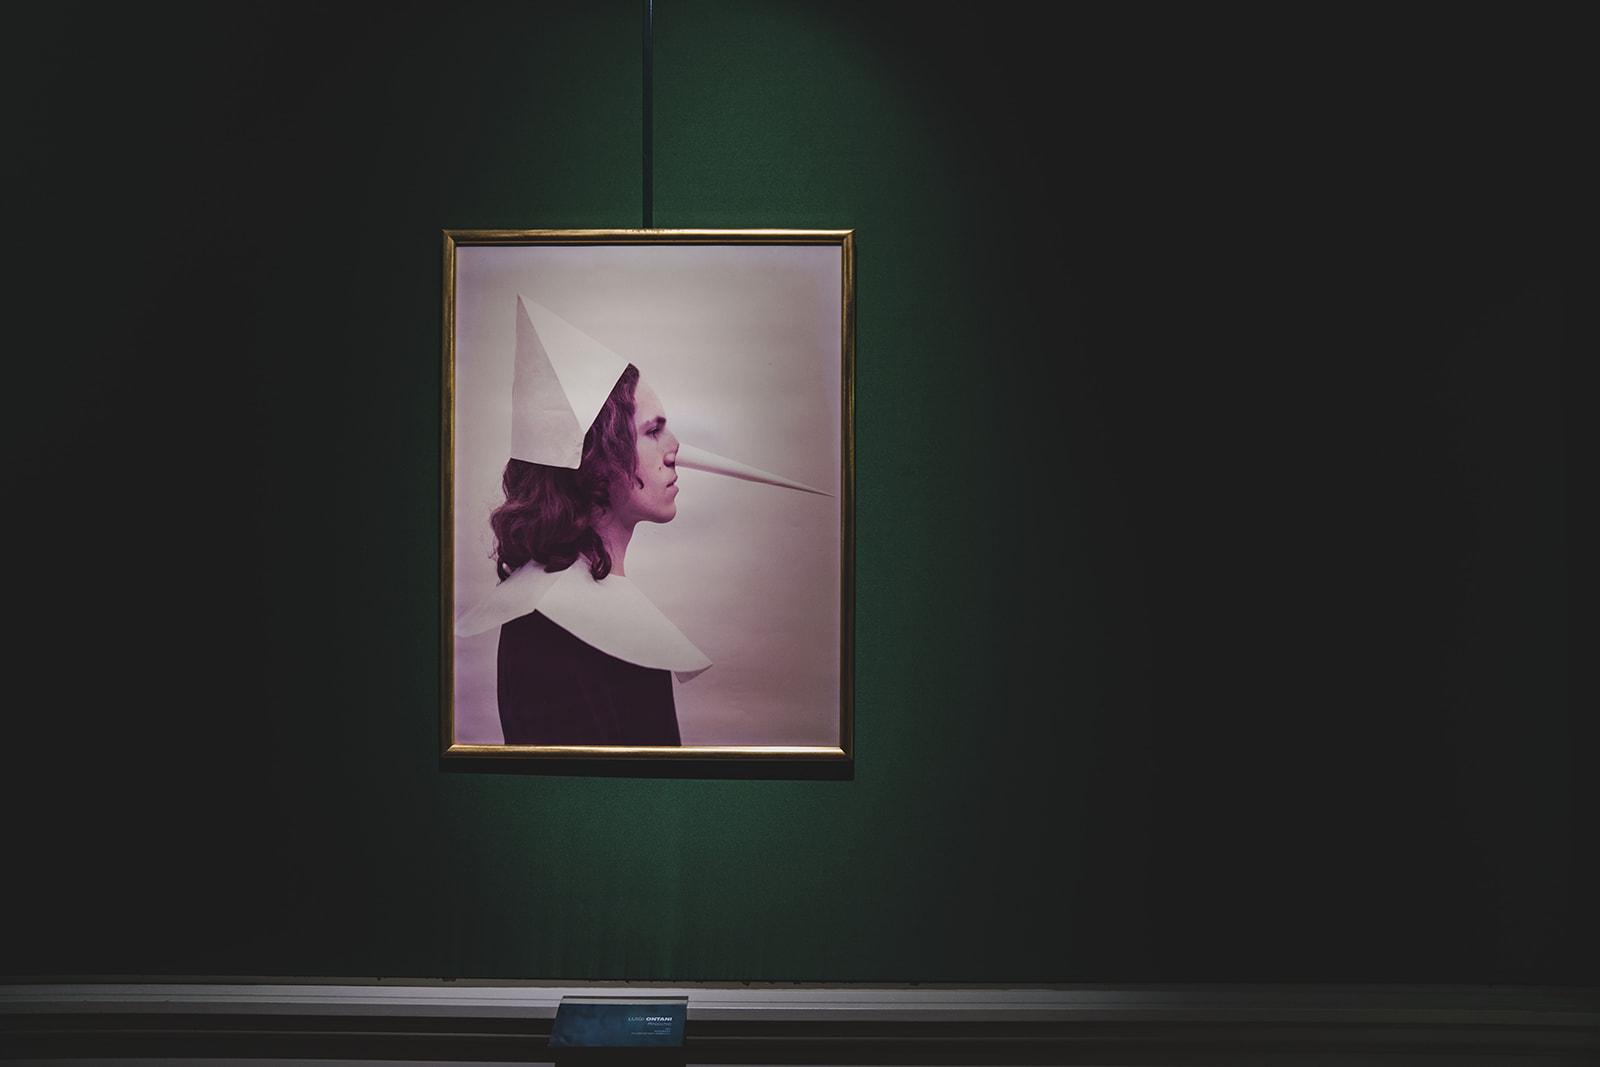 Enigma Pinocchio. Luigi Ontani, Pinocchio, 1972. Collezione Fabio Sargentini. Installation view at Villa Bardini, Firenze 2019. Photo Michele Monasta